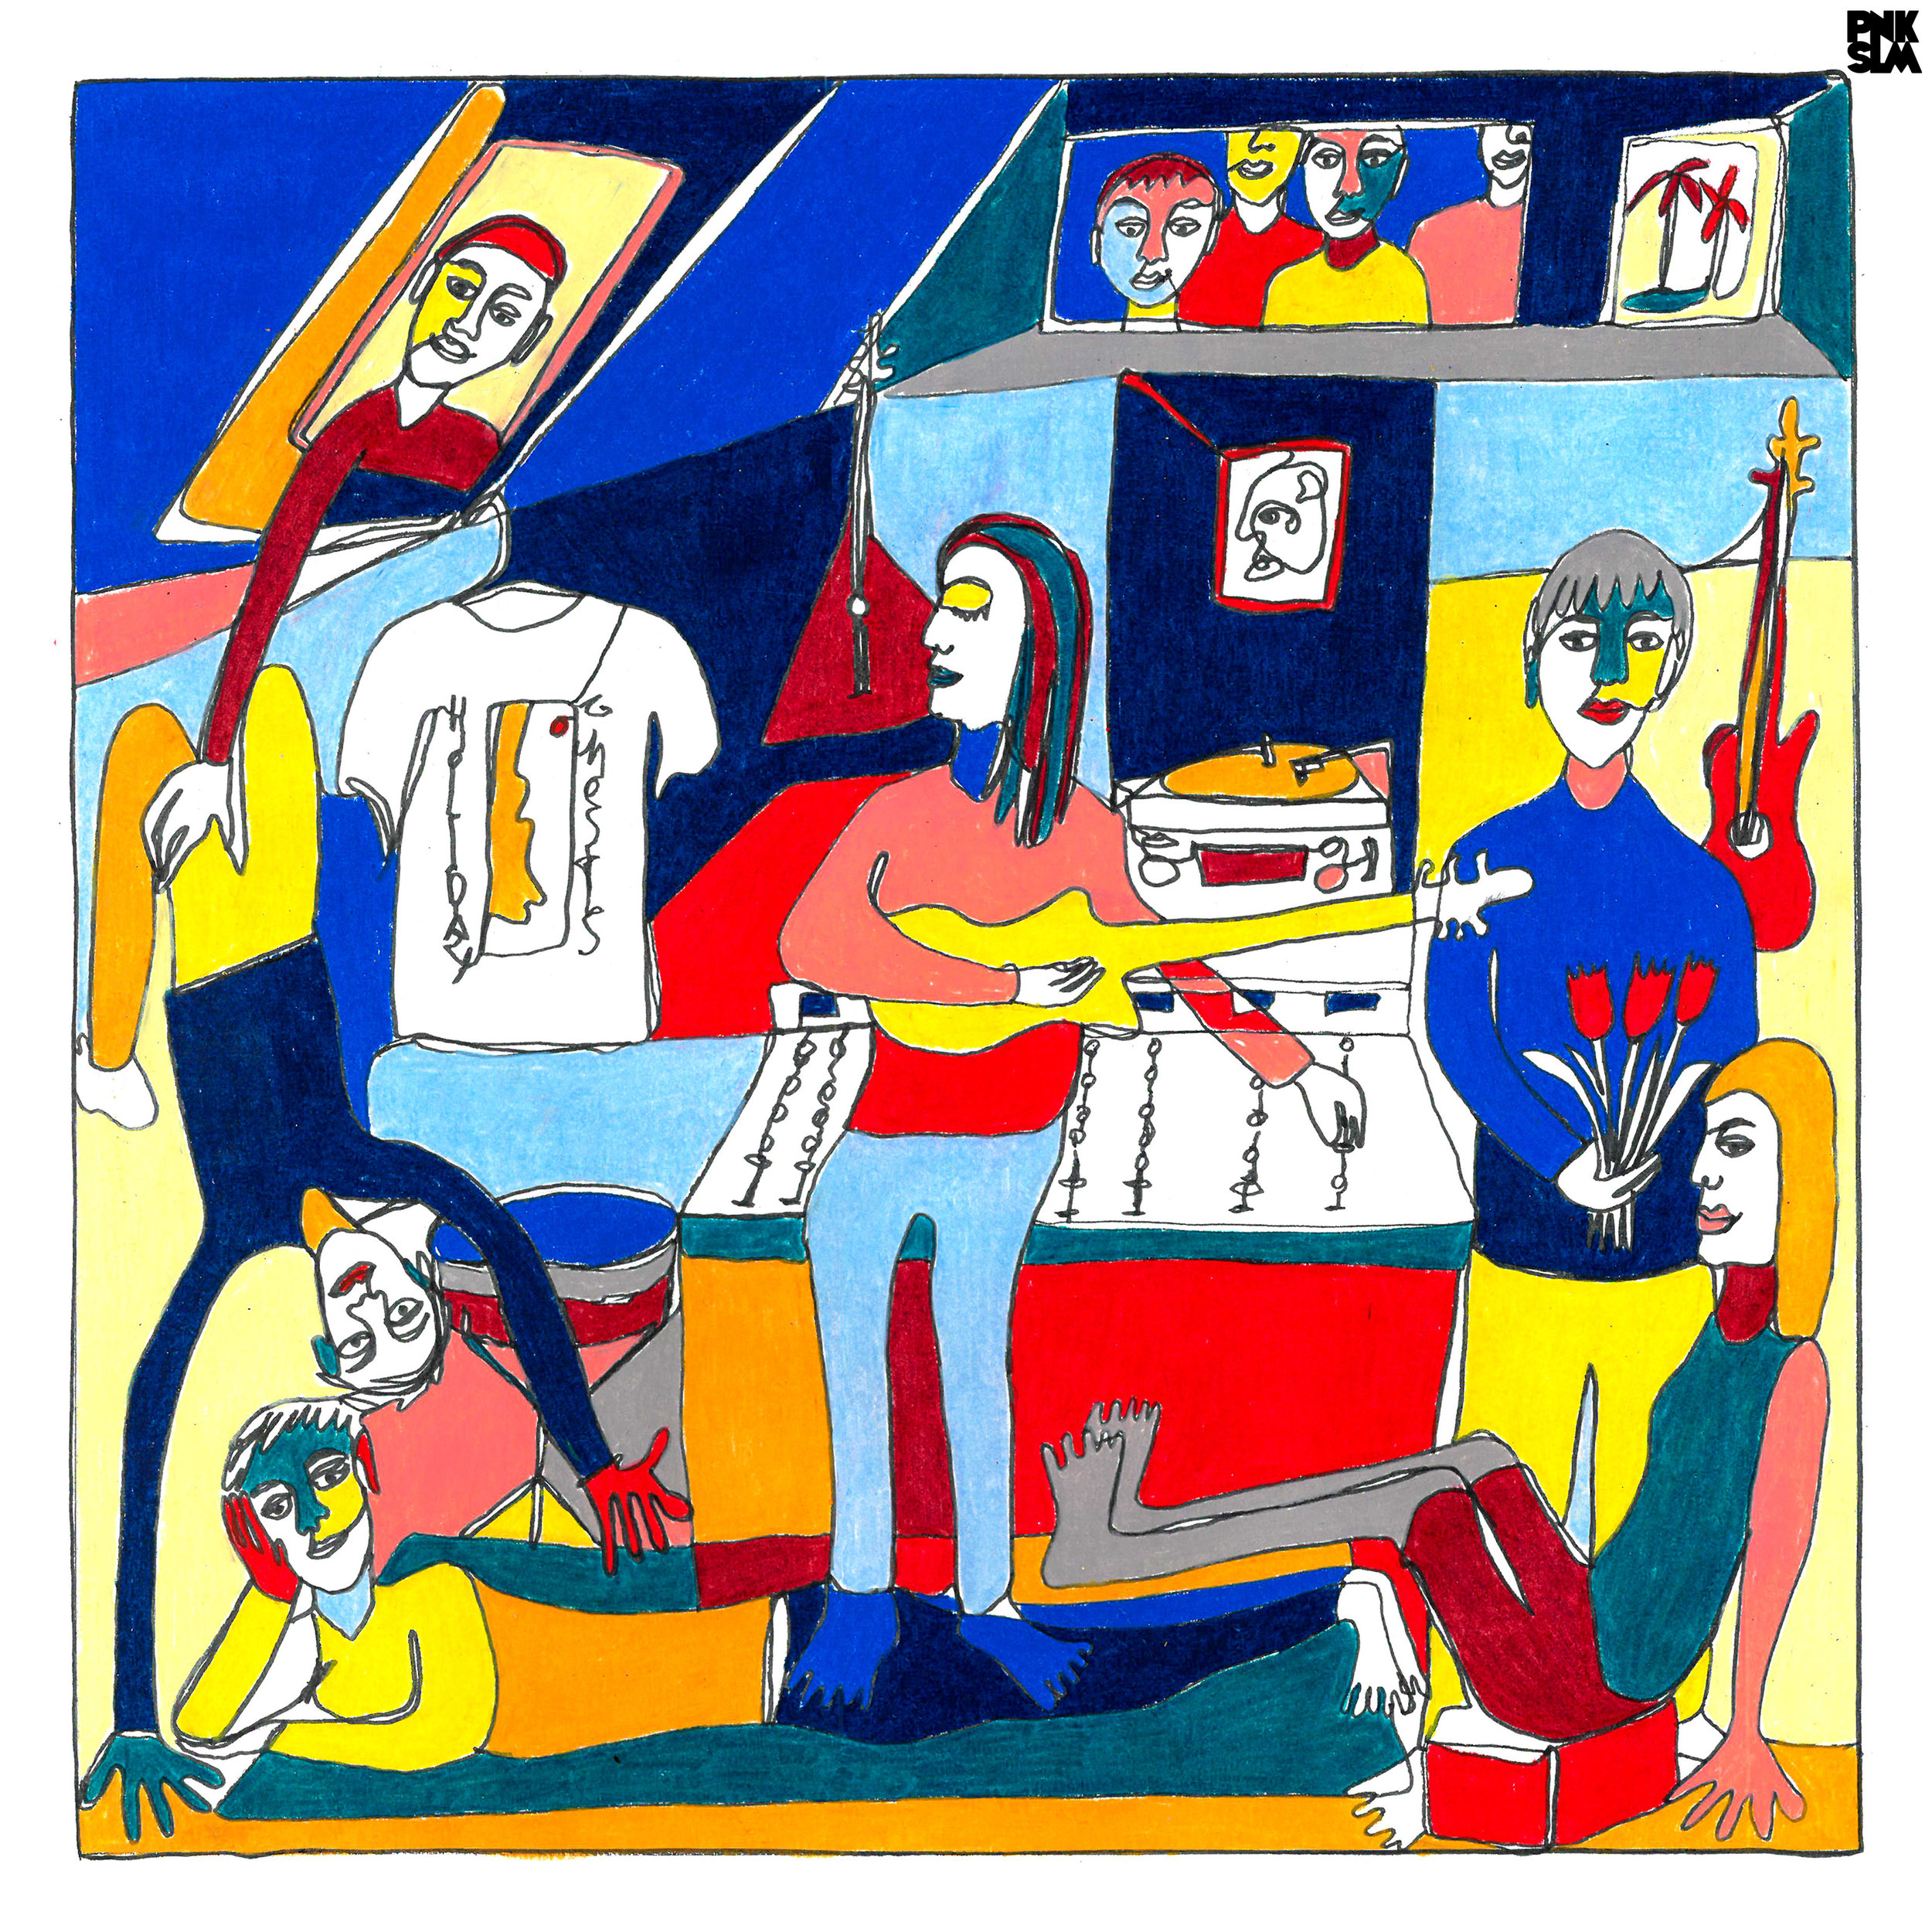 holiday_ghosts_west_bay_playroom_digital_artwork_hires.jpg